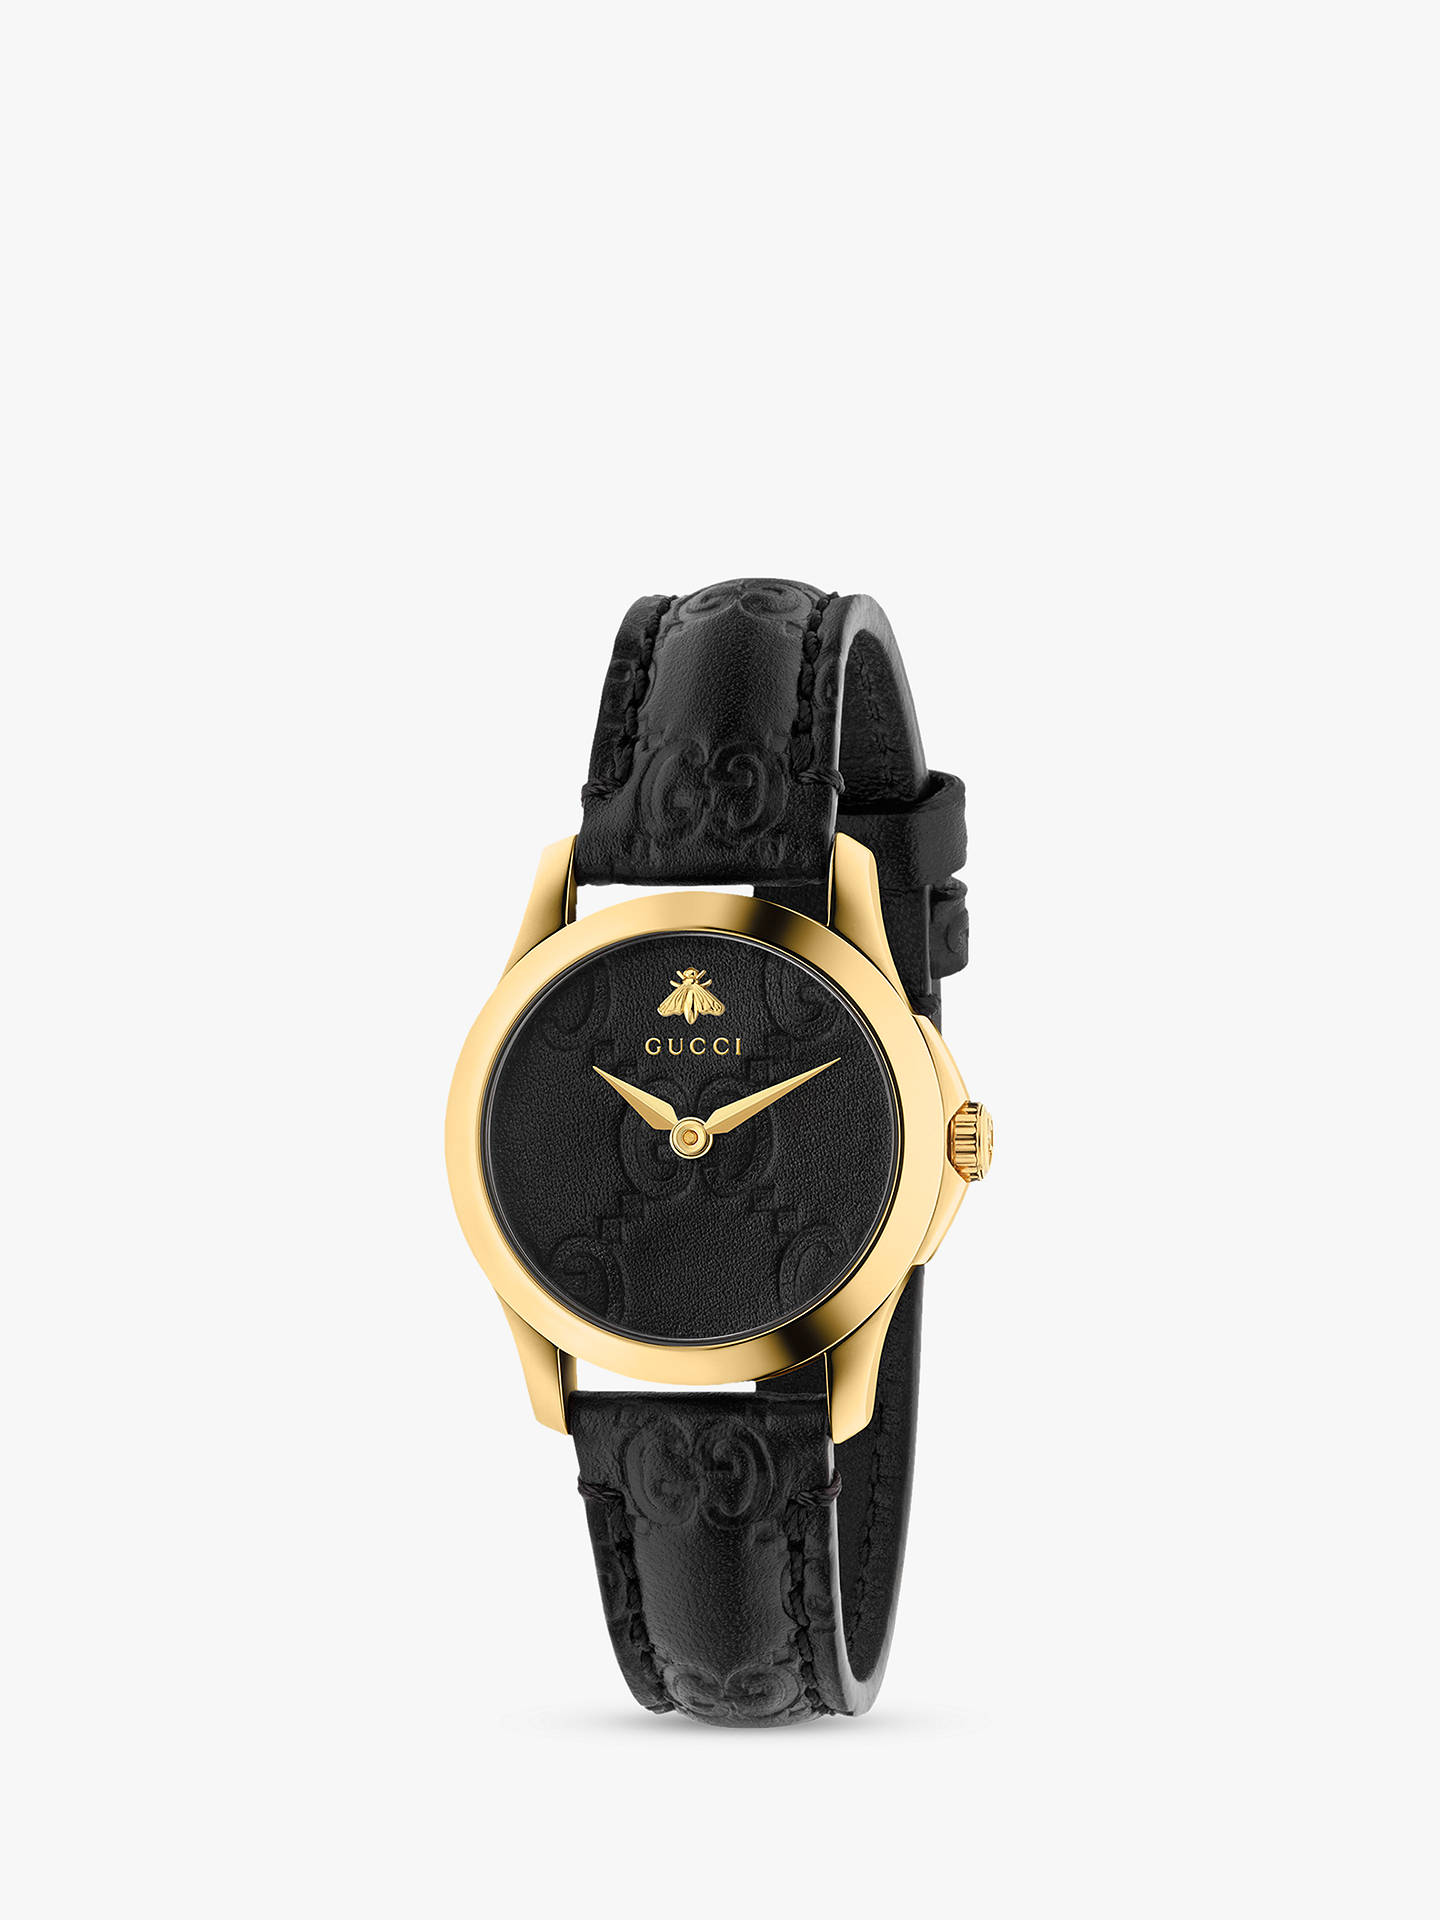 8757e01bd6b Gucci YA126581 Women s G-Timeless Signature Leather Strap Watch ...